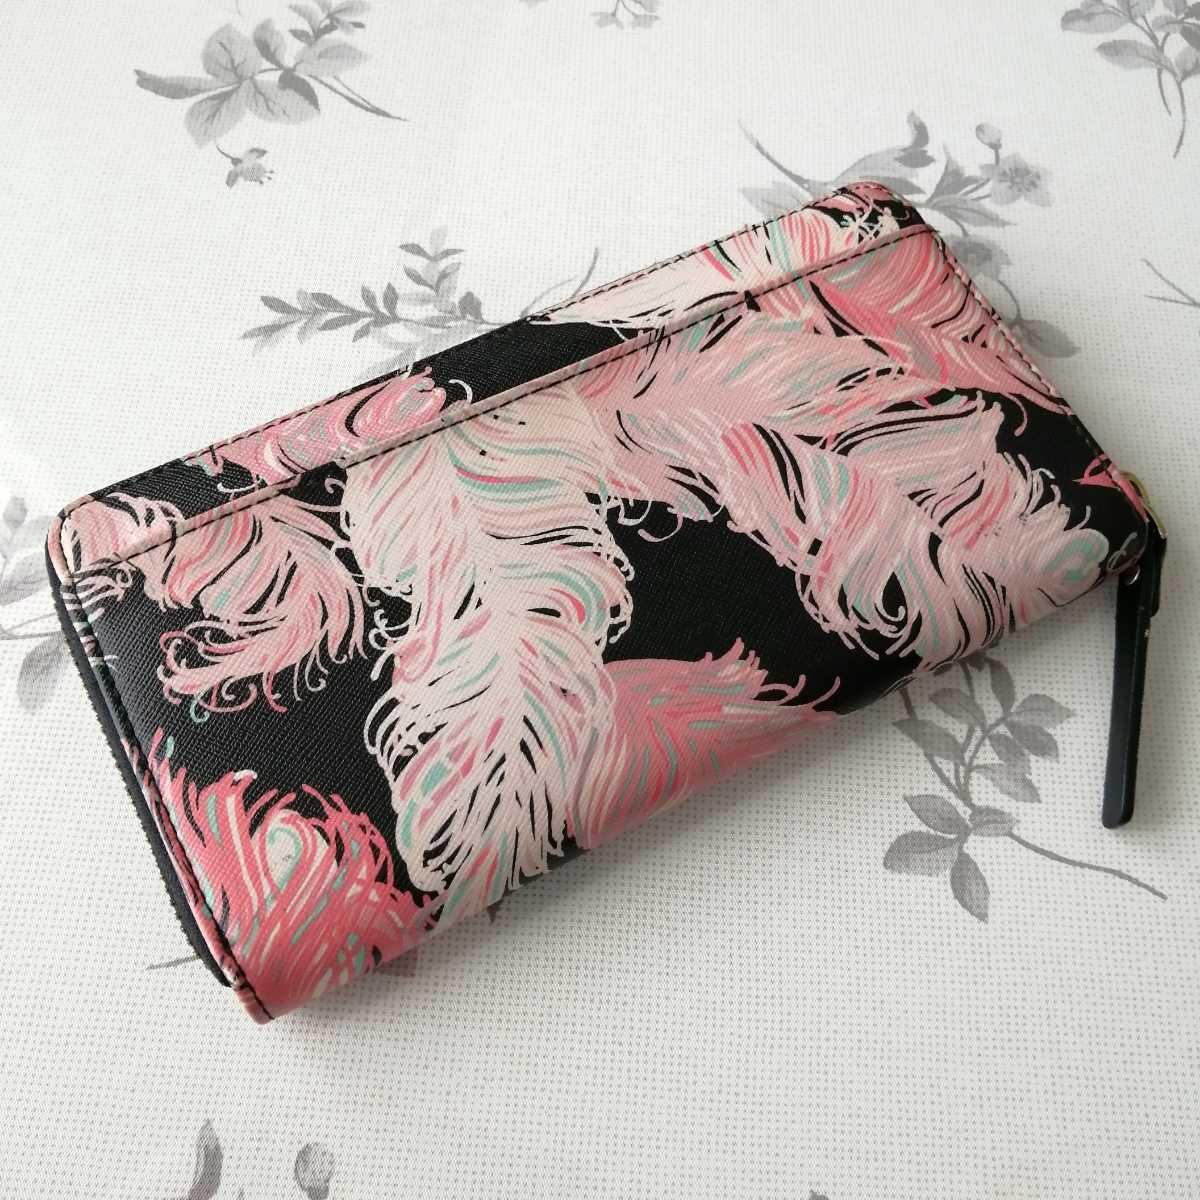 中古 ケイト・スペード kate spade 財布 WLRU2248 レザー フェザー柄 ラウンドファスナー 長財布 ブラック×マルチカラー